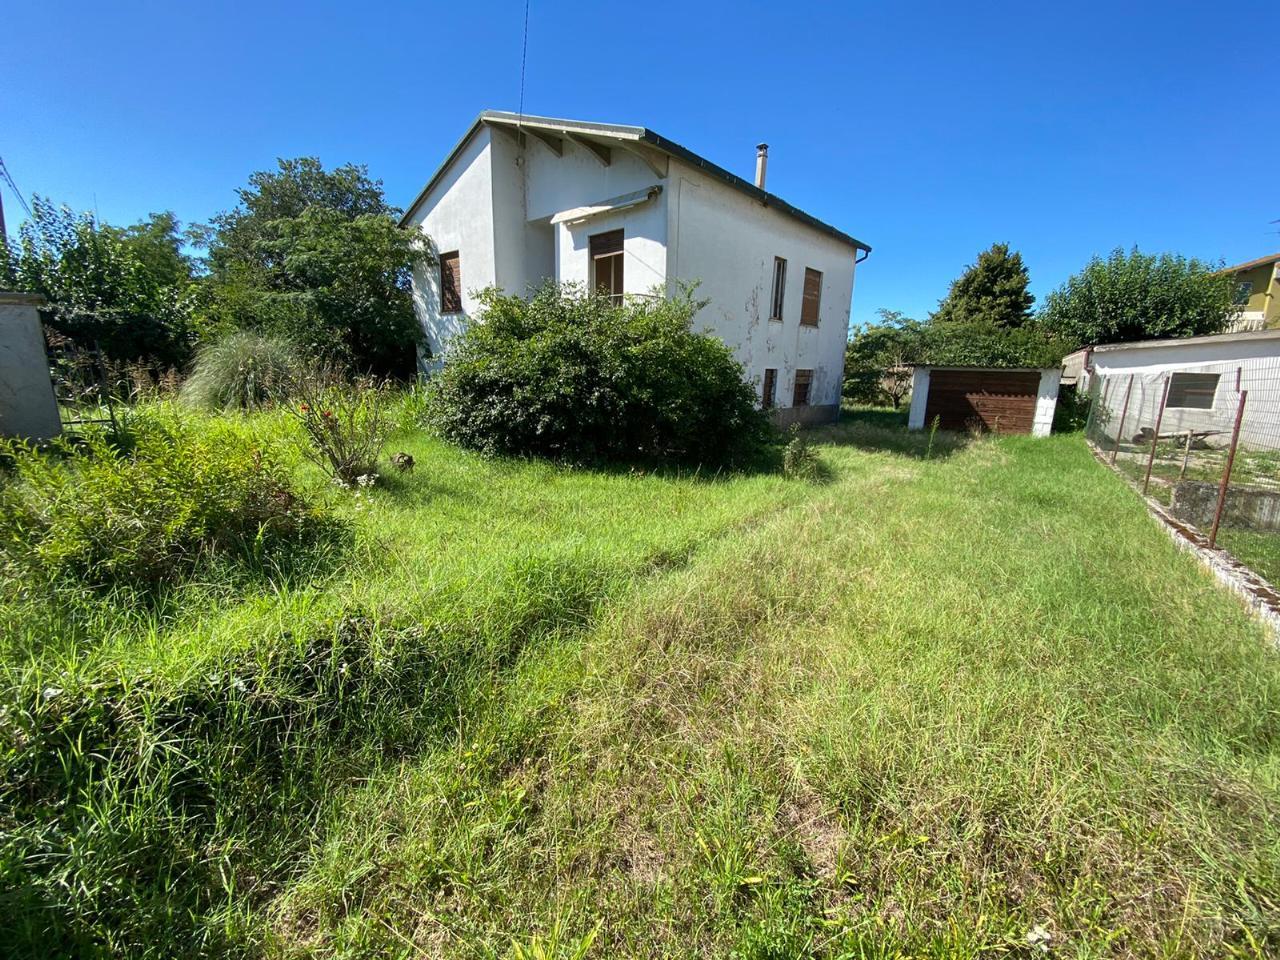 Villa indipendente STAGNO LOMBARDO €75.000,00